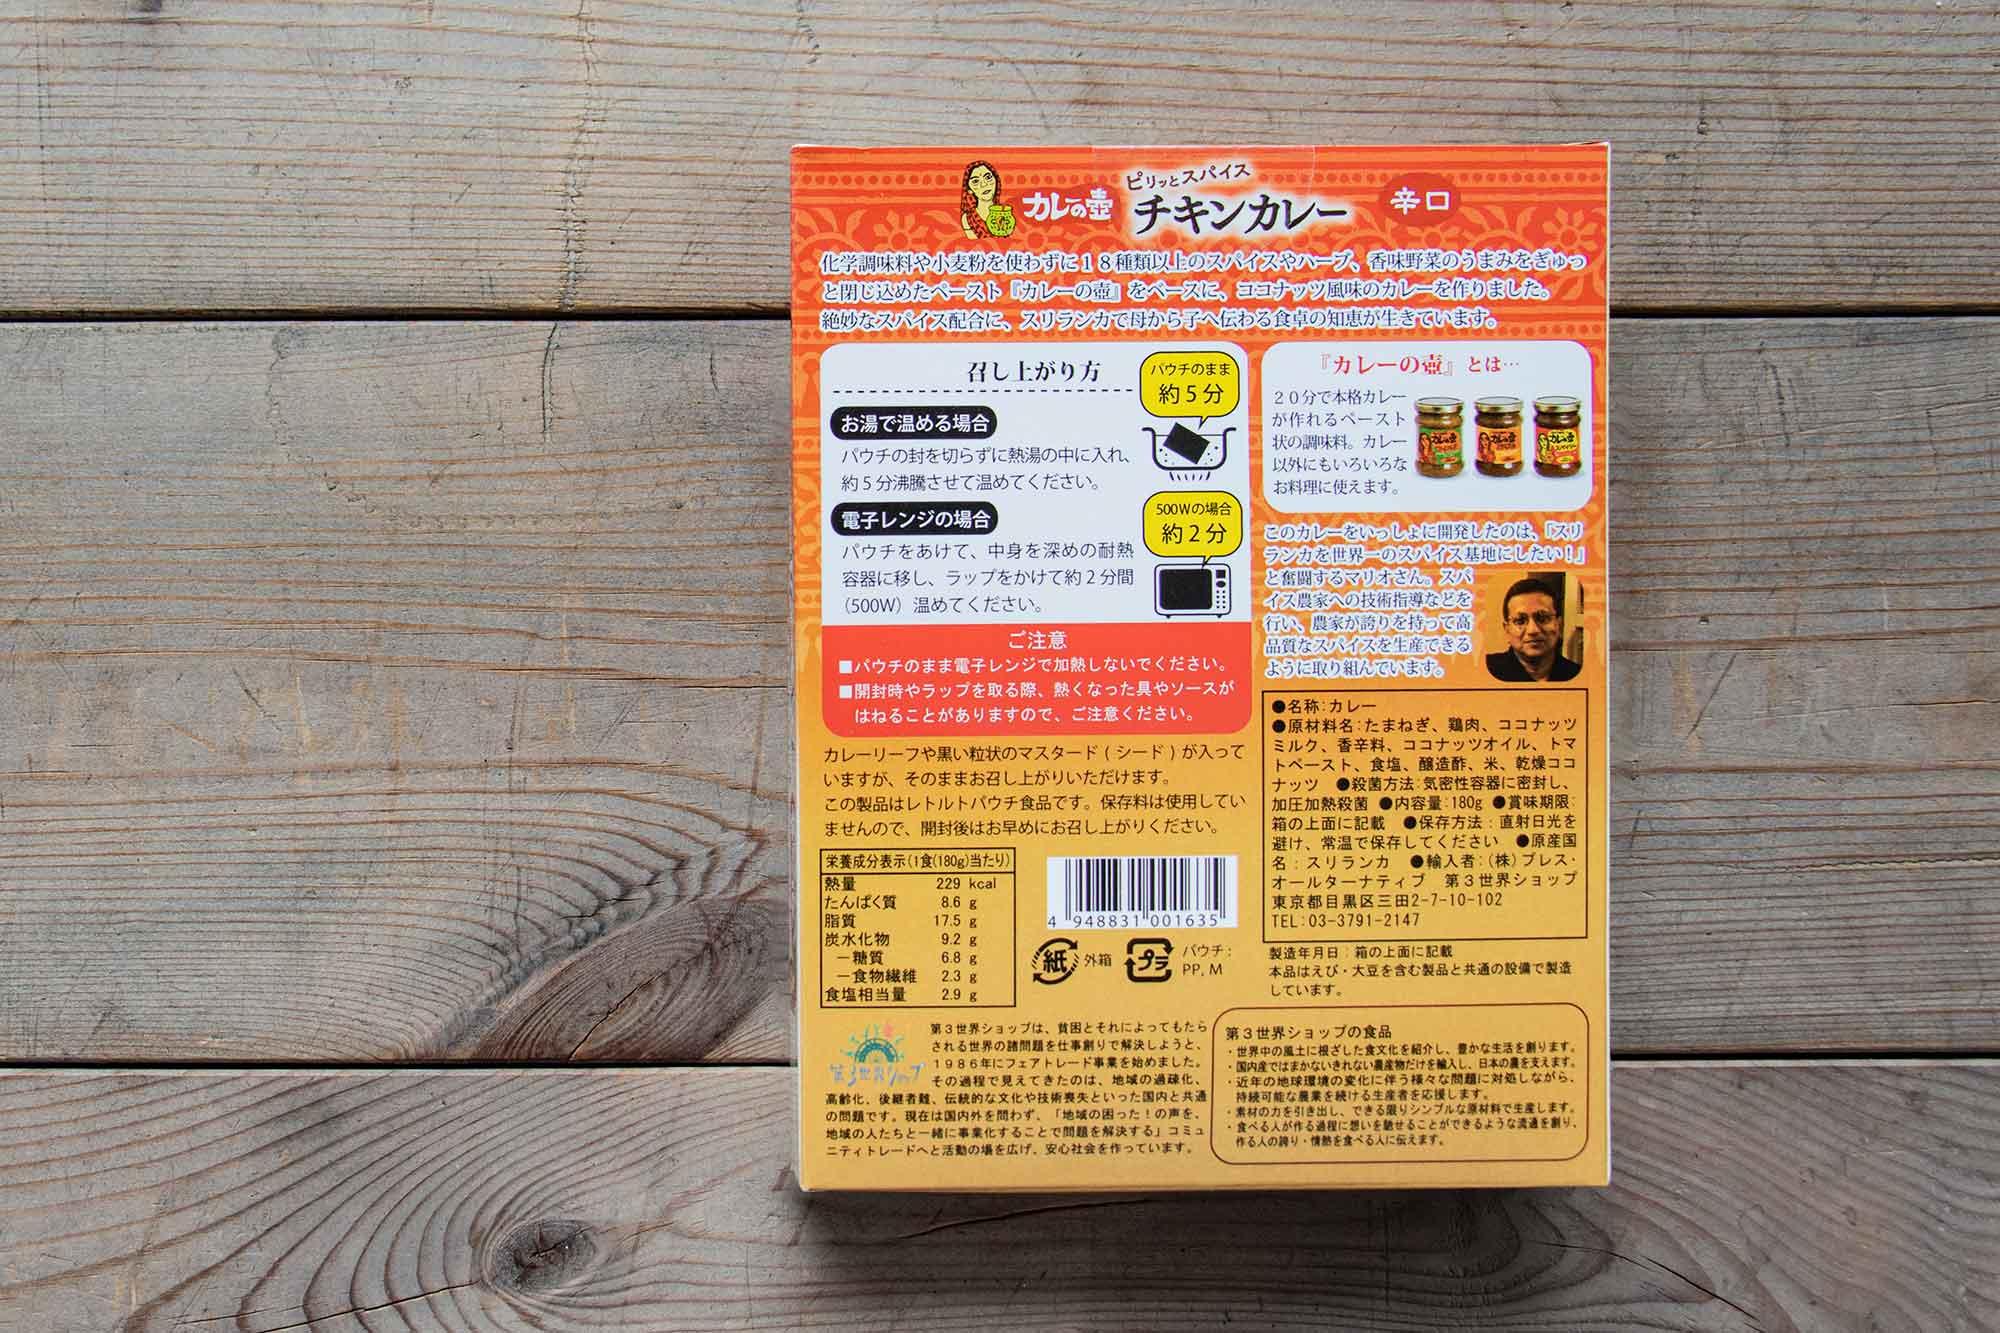 第3世界ショップ カレーの壺 ピリッとスパイスチキンカレー 辛口 180g